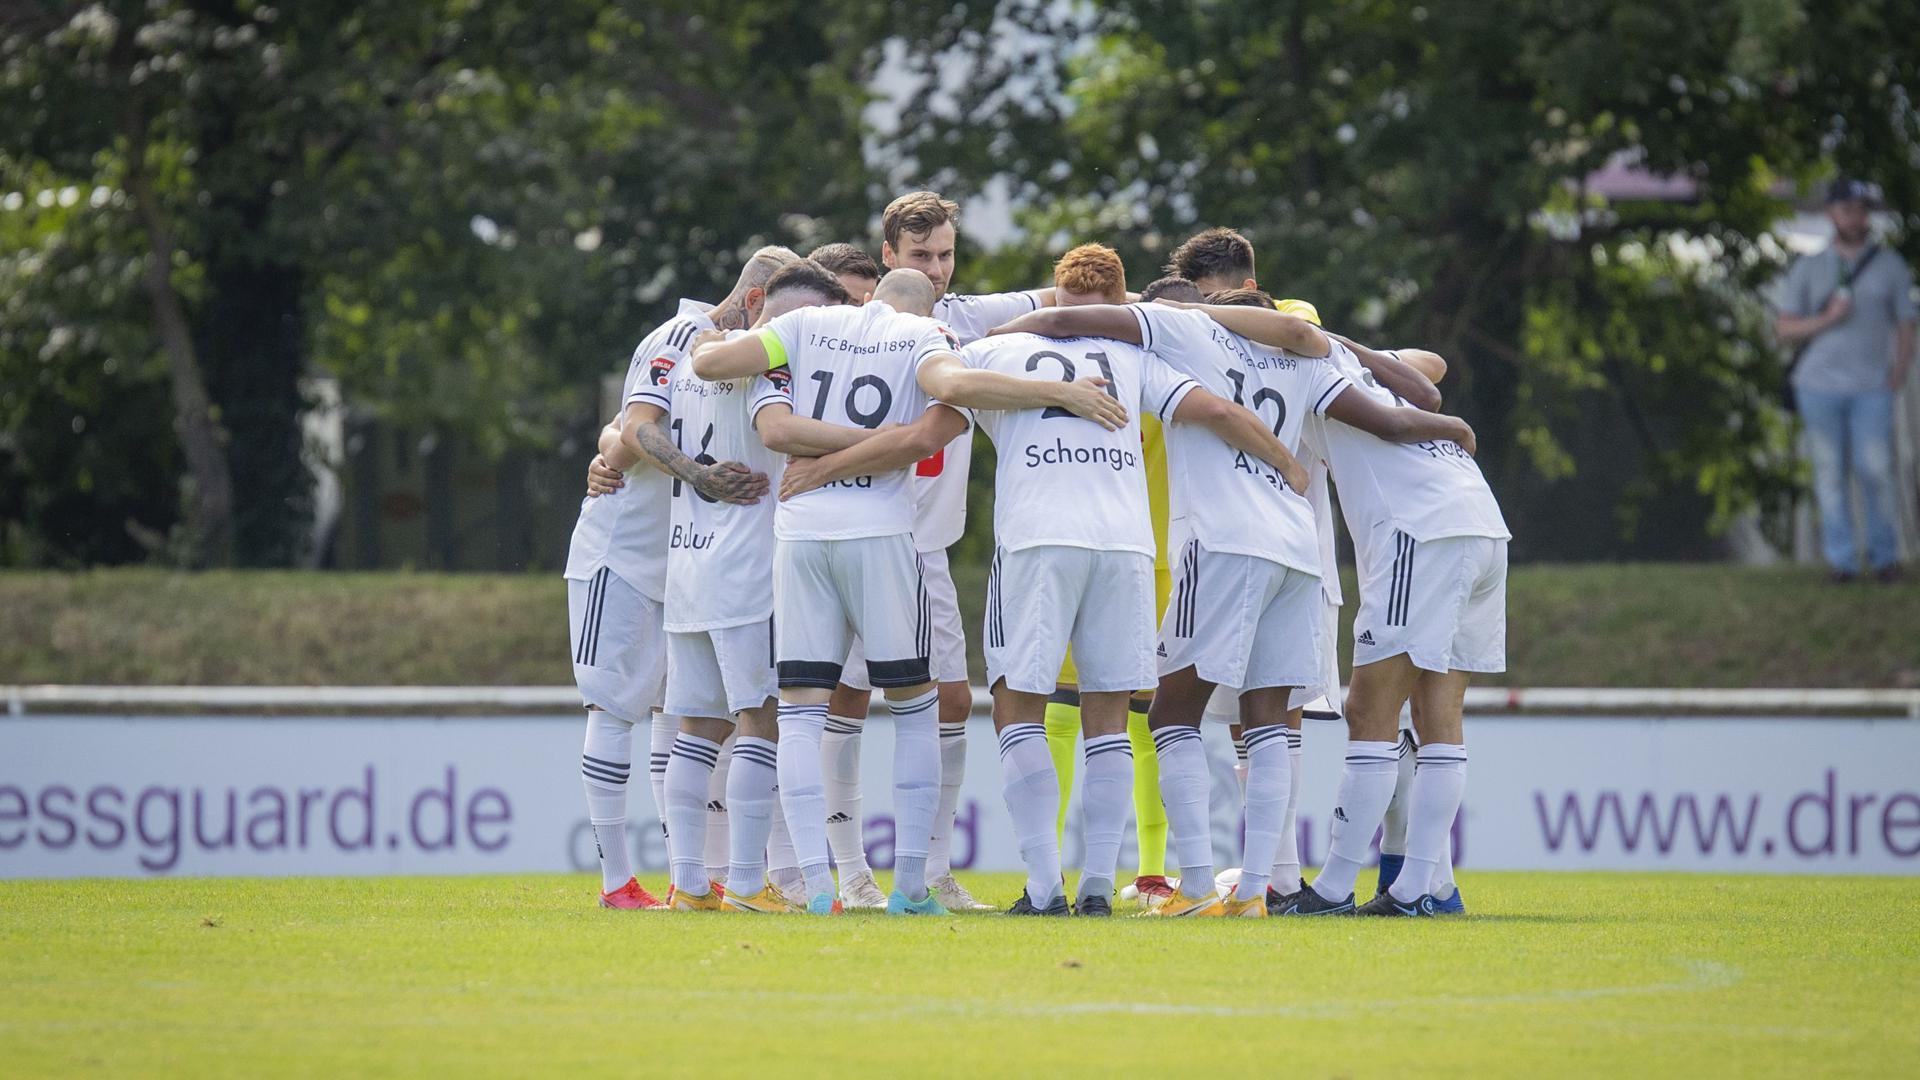 Zusammenhalt als Stärke: Wie schon im Vorjahr will der 1. FC Bruchsal sein Heil in einer geschlossenen Mannschaftsleistung suchen. Denn die Konkurrenz in der Oberliga hat es in sich.